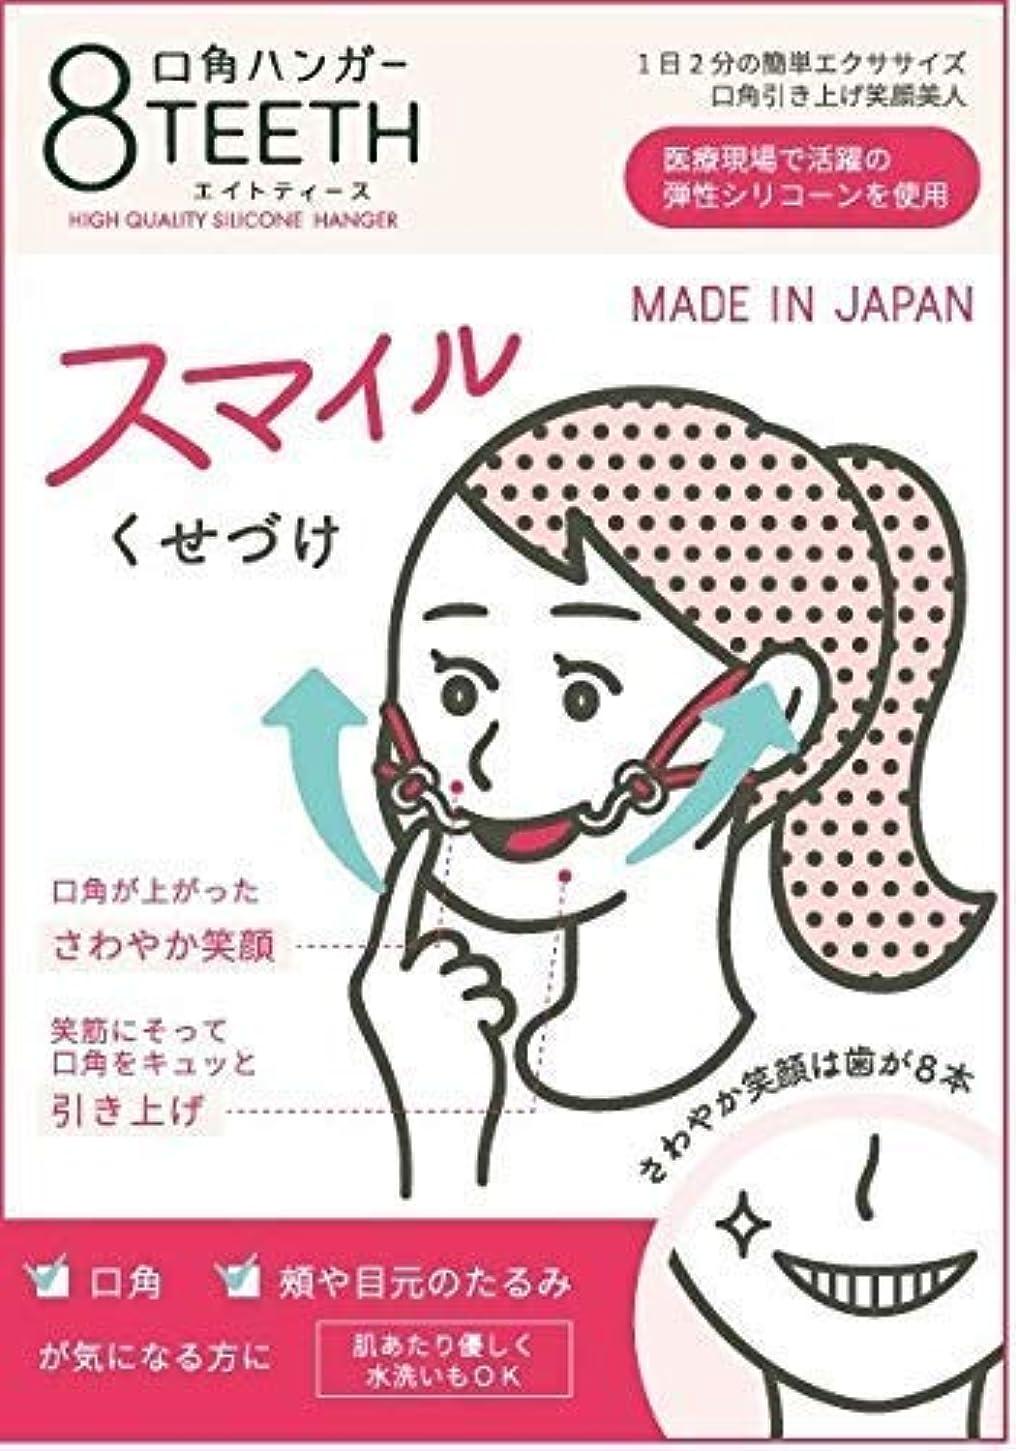 心理学擬人二十口角ハンガー 8teeth エイトティース 【表情筋トレーナー監修】日本製 口角 頬 たるみ 上る 引き上げる 表情筋 ほうれい線 リフトアップ グッズ エクササイズ トレーニング 笑顔美人 NHK「まちかど情報室」紹介